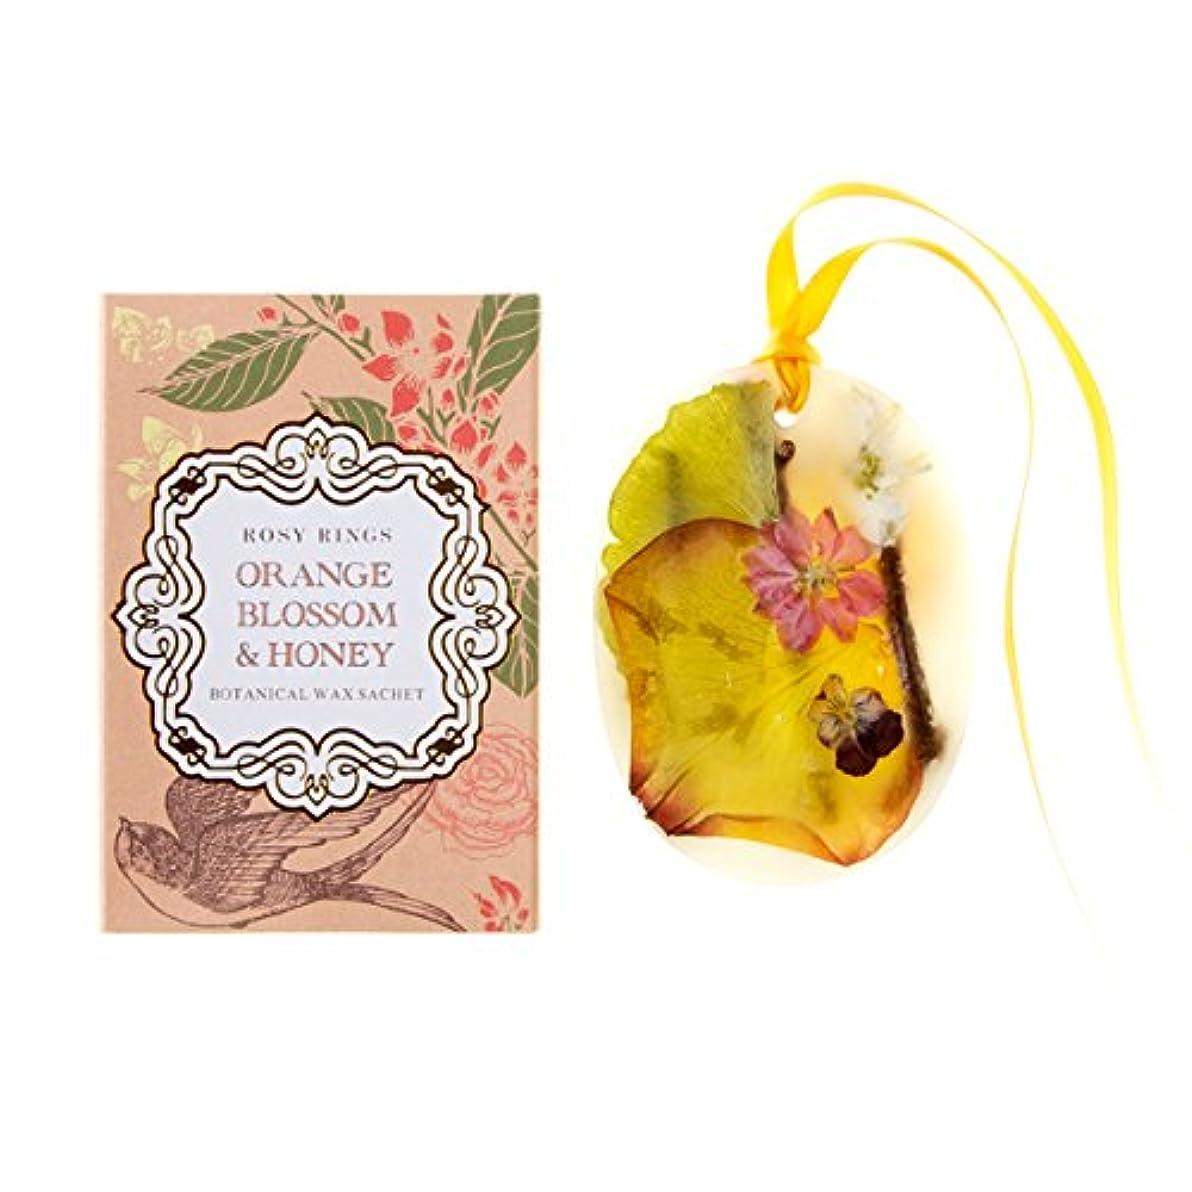 磨かれたヒューム速いロージーリングス プティボタニカルサシェ オレンジブロッサム&ハニー ROSY RINGS Petite Oval Botanical Wax Sachet Orange Blossom & Honey